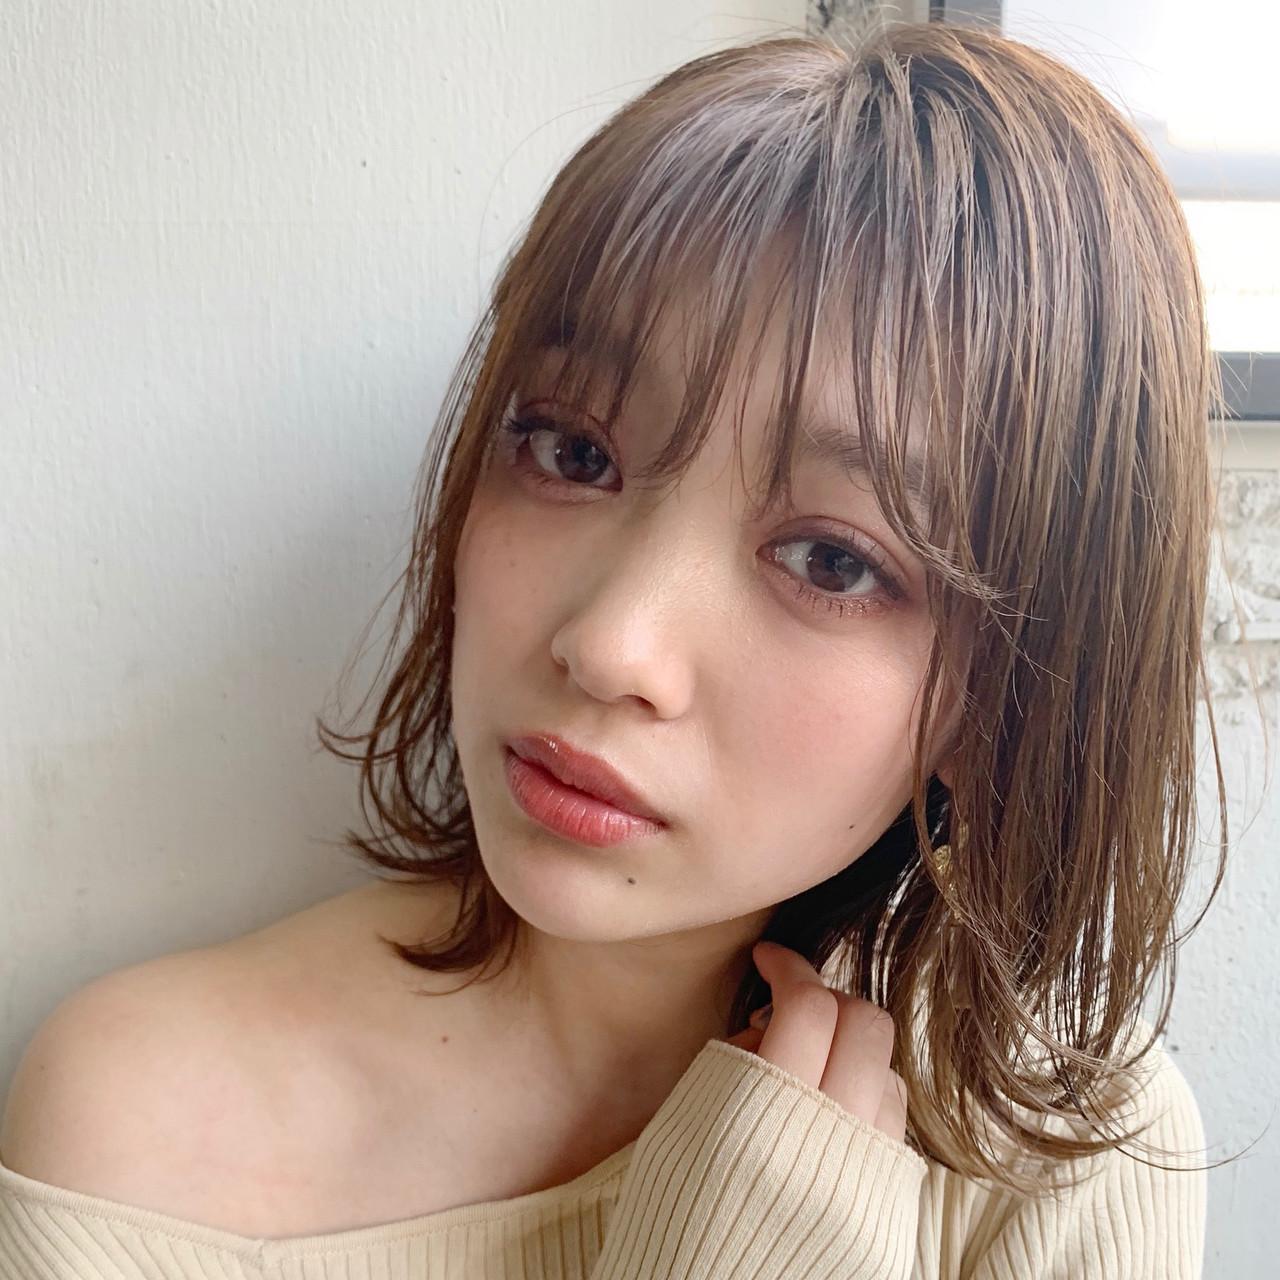 大人ミディアム 鎖骨ミディアム ミディアム ミディアムレイヤー ヘアスタイルや髪型の写真・画像 | Natsuko Kodama 児玉奈都子 / dydi